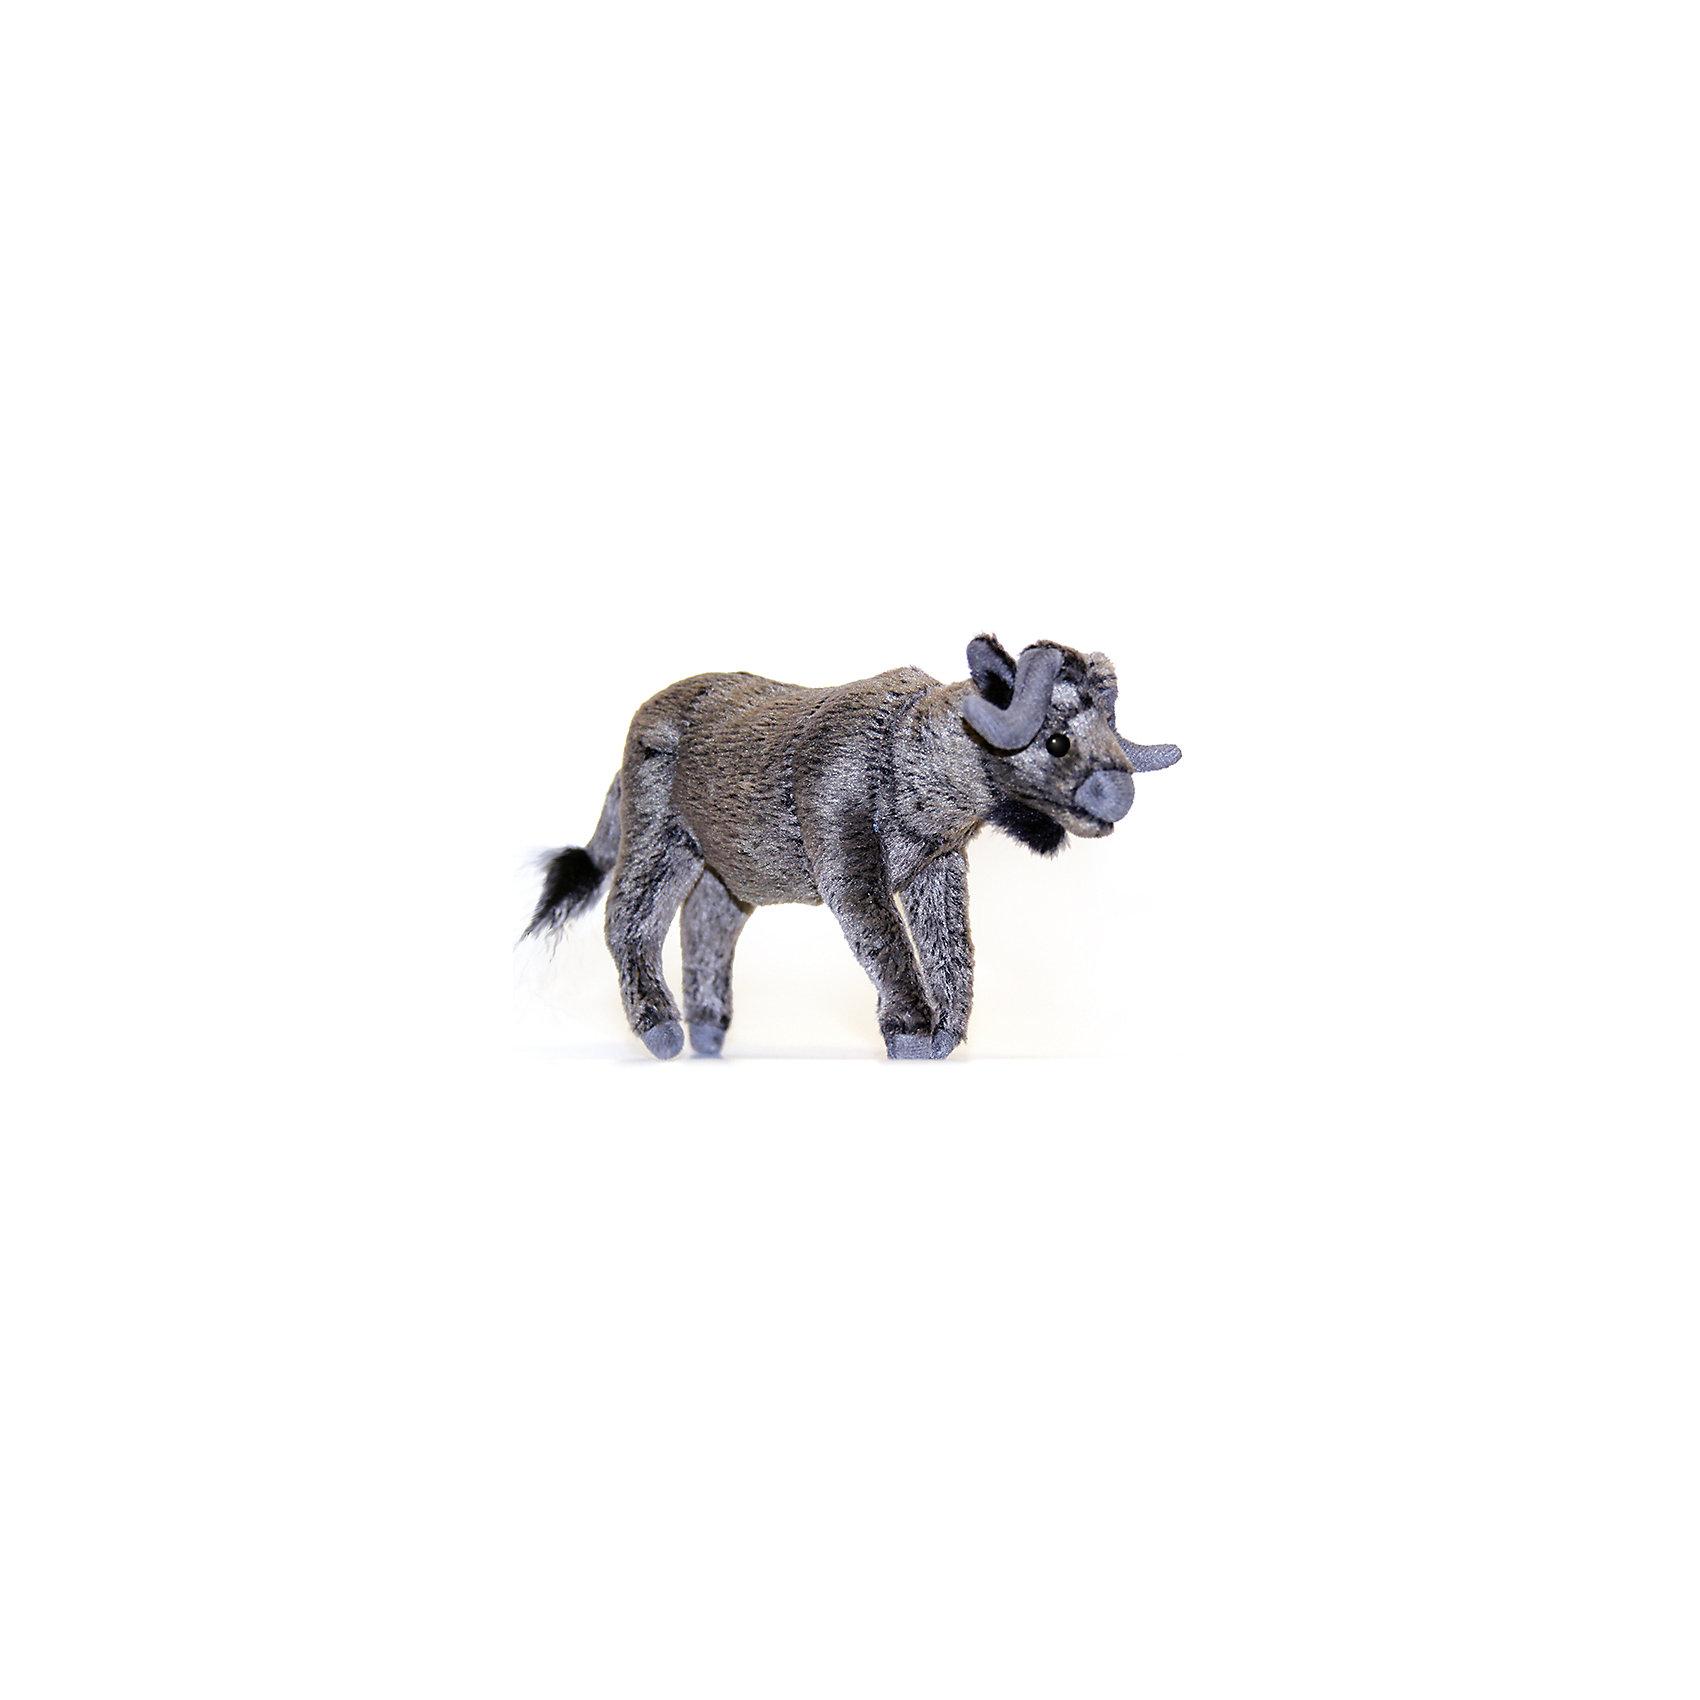 Бык 16 см, HANSAЗвери и птицы<br>Характеристики товара:<br>• Бык - Африканский буйвол<br>• цвет: коричневый<br>• материал: пластик, полимер, искусственный мех, металл<br>• вес: 200 г<br>• размер: 16х6х12 см<br>• очень натуральстичный<br>• металлический каркас<br>• страна производства: Филиппины<br><br>Такая натуралистичная игрушка не только отлично смотрится, она приятна на ощупь и поможет ребенку получить представление о животных. С ней можно придумать множество игр!<br>Красивые игрушки в виде животных помогают привить детям любовь к природе. Изделие произведено из качественных и безопасных для ребенка материалов. Игра с таким изделием помогает развить мышление ребенка, аккуратность, внимательность, мелкую моторику и воображение.<br><br>Игрушку Бык 16 см, HANSA, можно купить в нашем интернет-магазине.<br><br>Ширина мм: 160<br>Глубина мм: 60<br>Высота мм: 120<br>Вес г: 200<br>Возраст от месяцев: 36<br>Возраст до месяцев: 2147483647<br>Пол: Унисекс<br>Возраст: Детский<br>SKU: 5253078